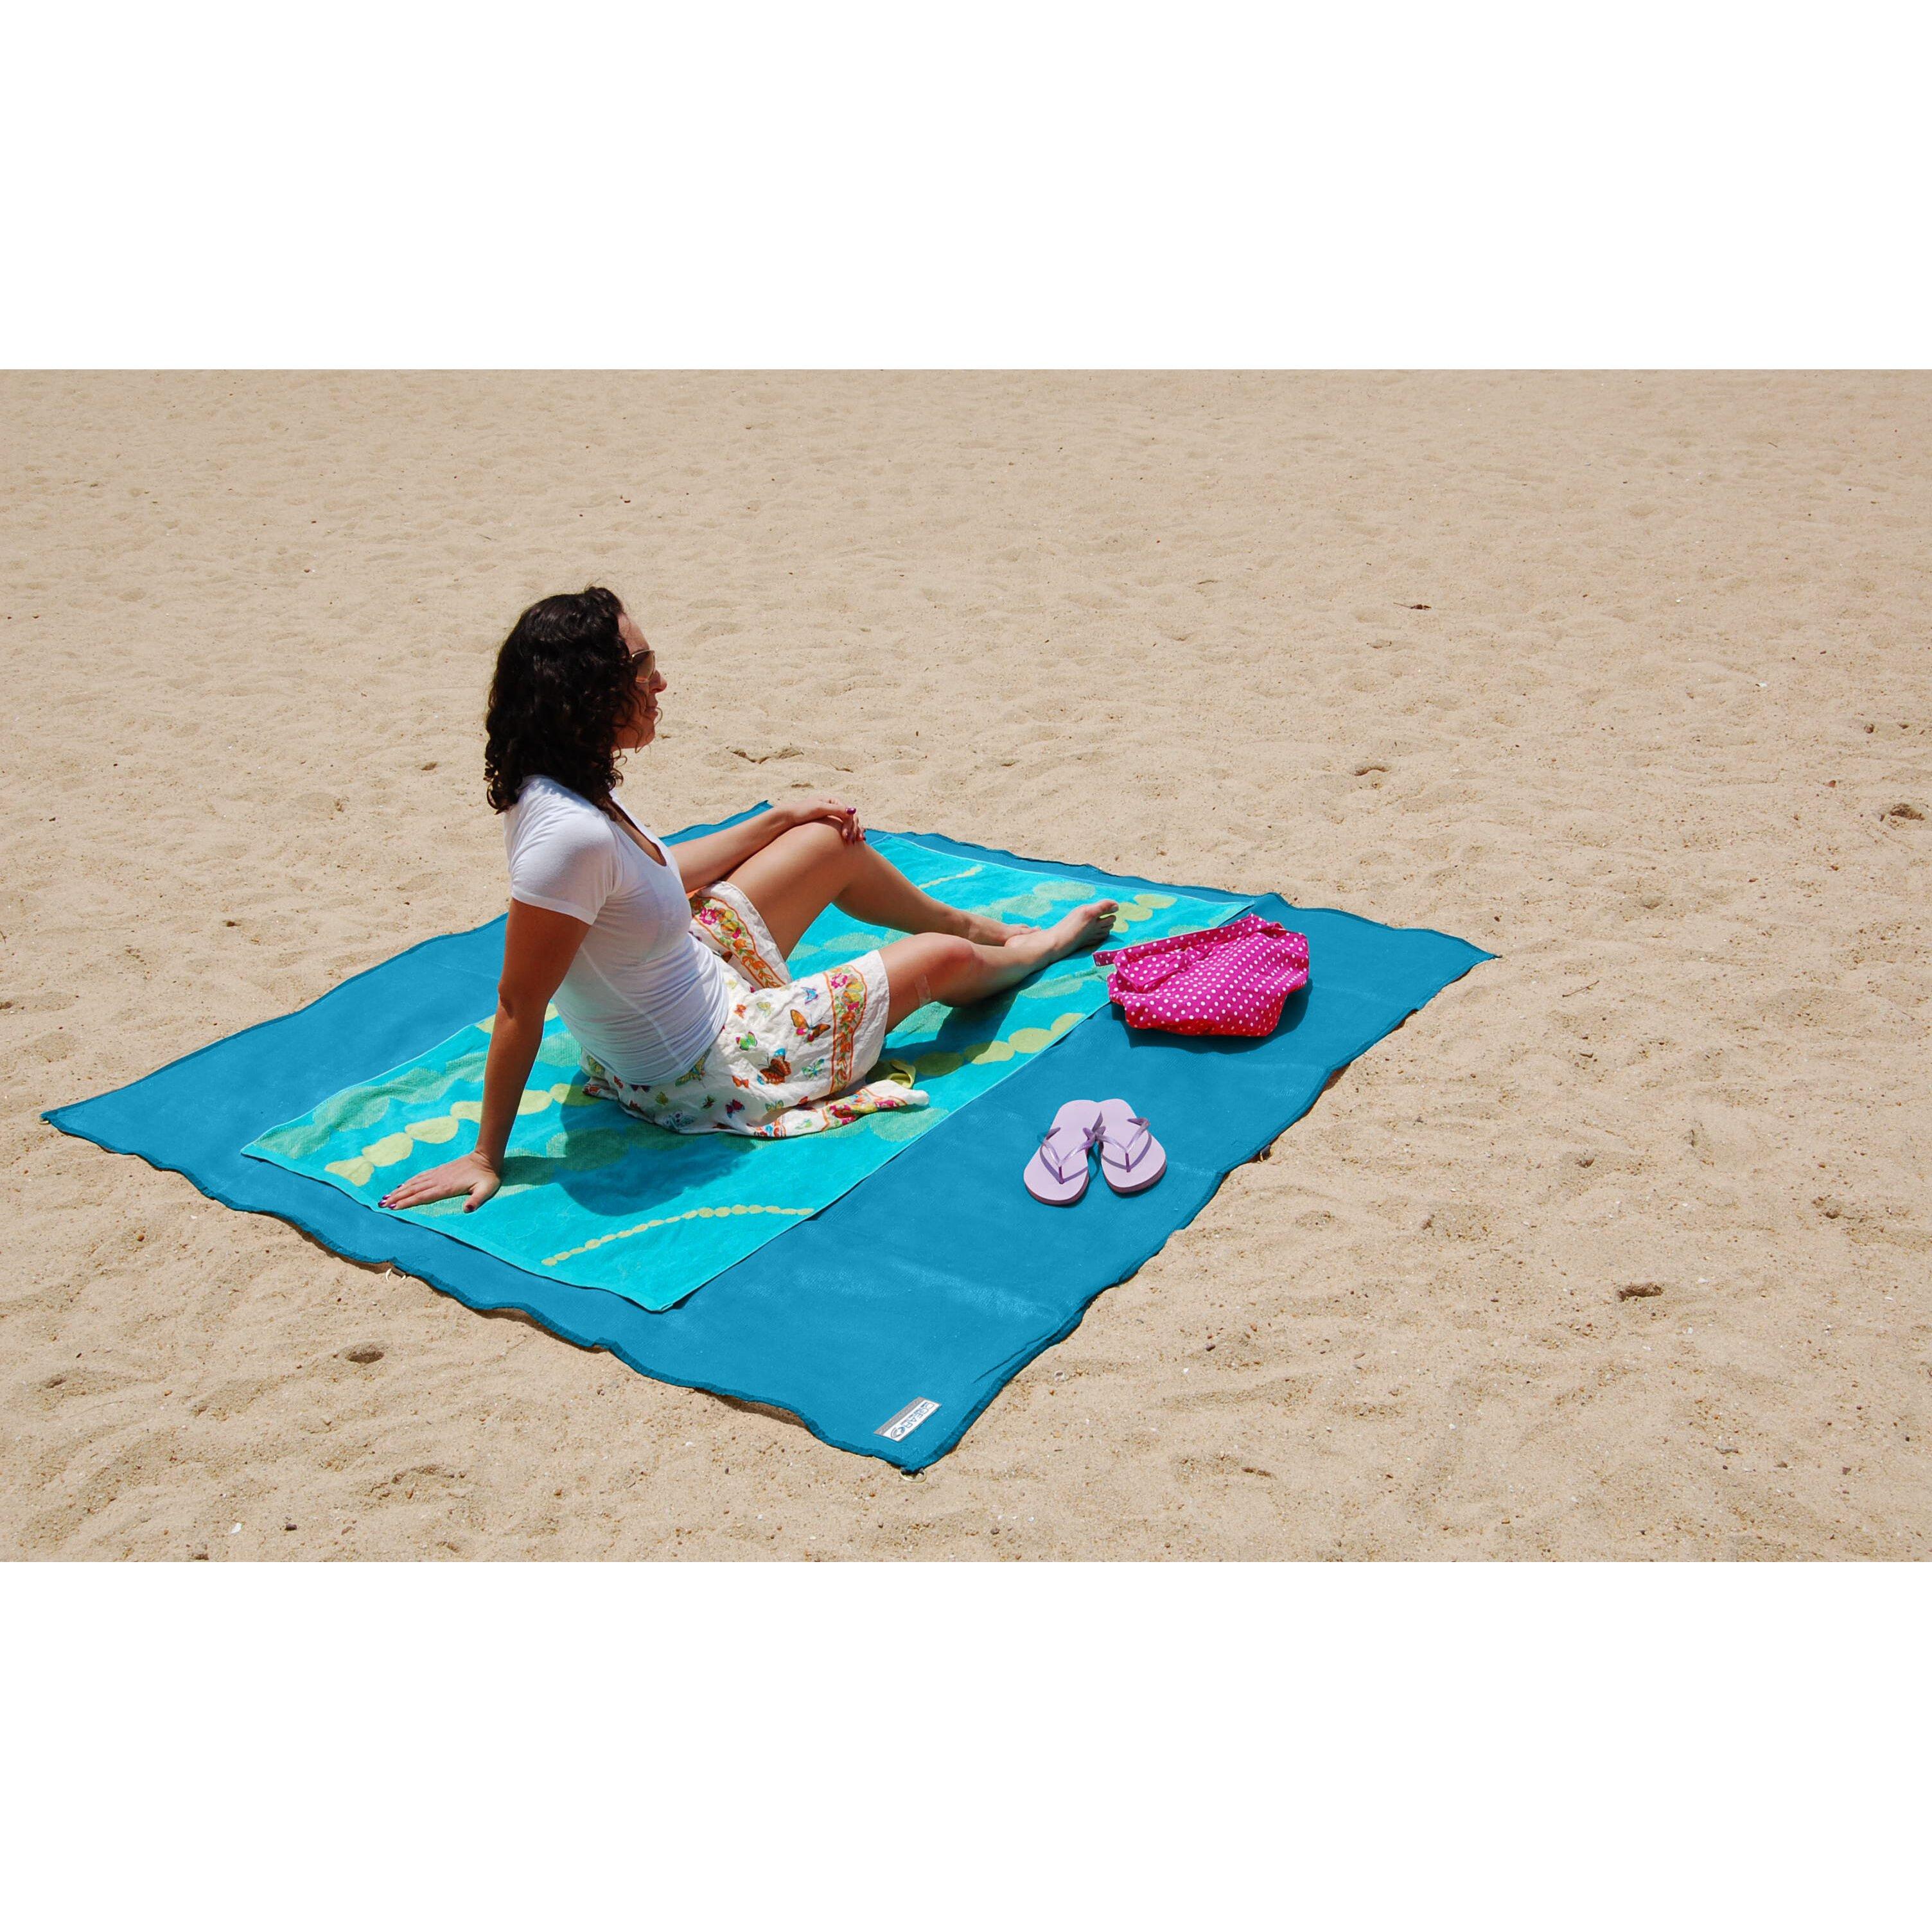 cgear sand free multimat cgear sand free mat blue green outdoor area rug reviews wayfair